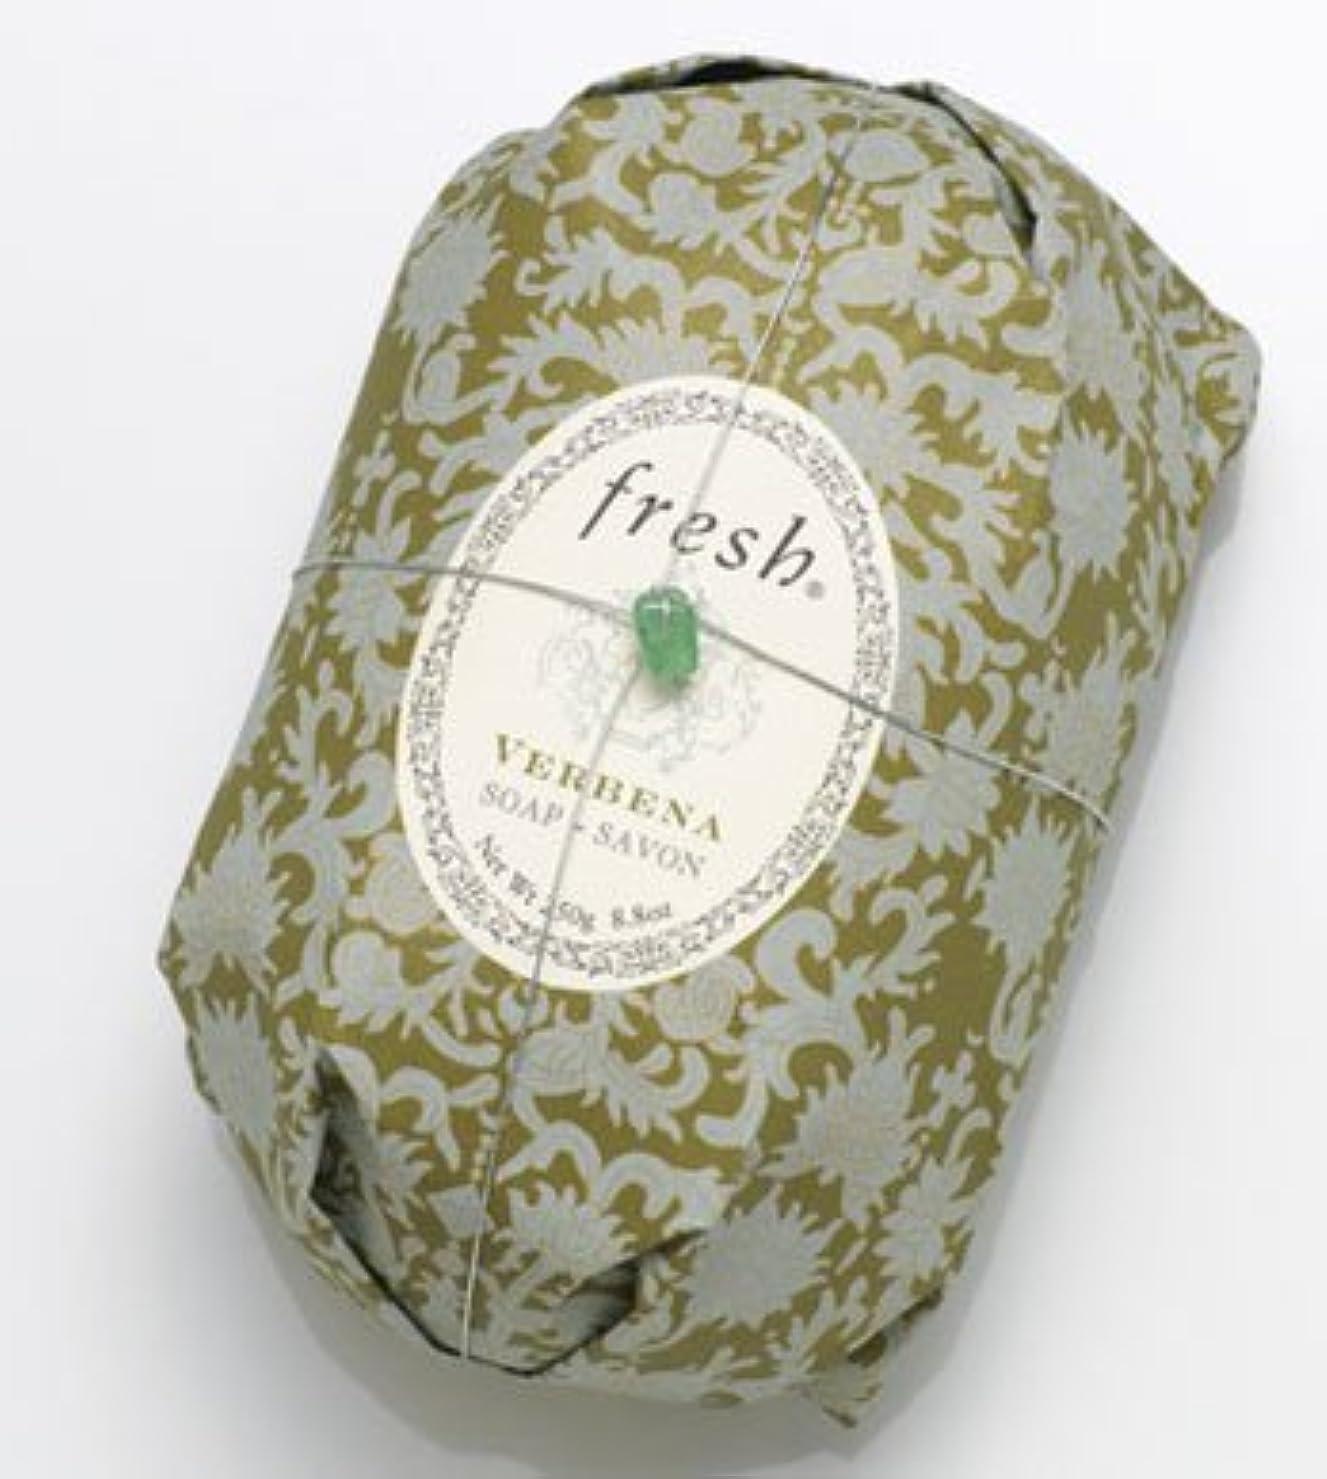 ケーブル水素樹木Fresh VERBENA SOAP (フレッシュ バーベナ ソープ) 8.8 oz (250g) Soap (石鹸) by Fresh